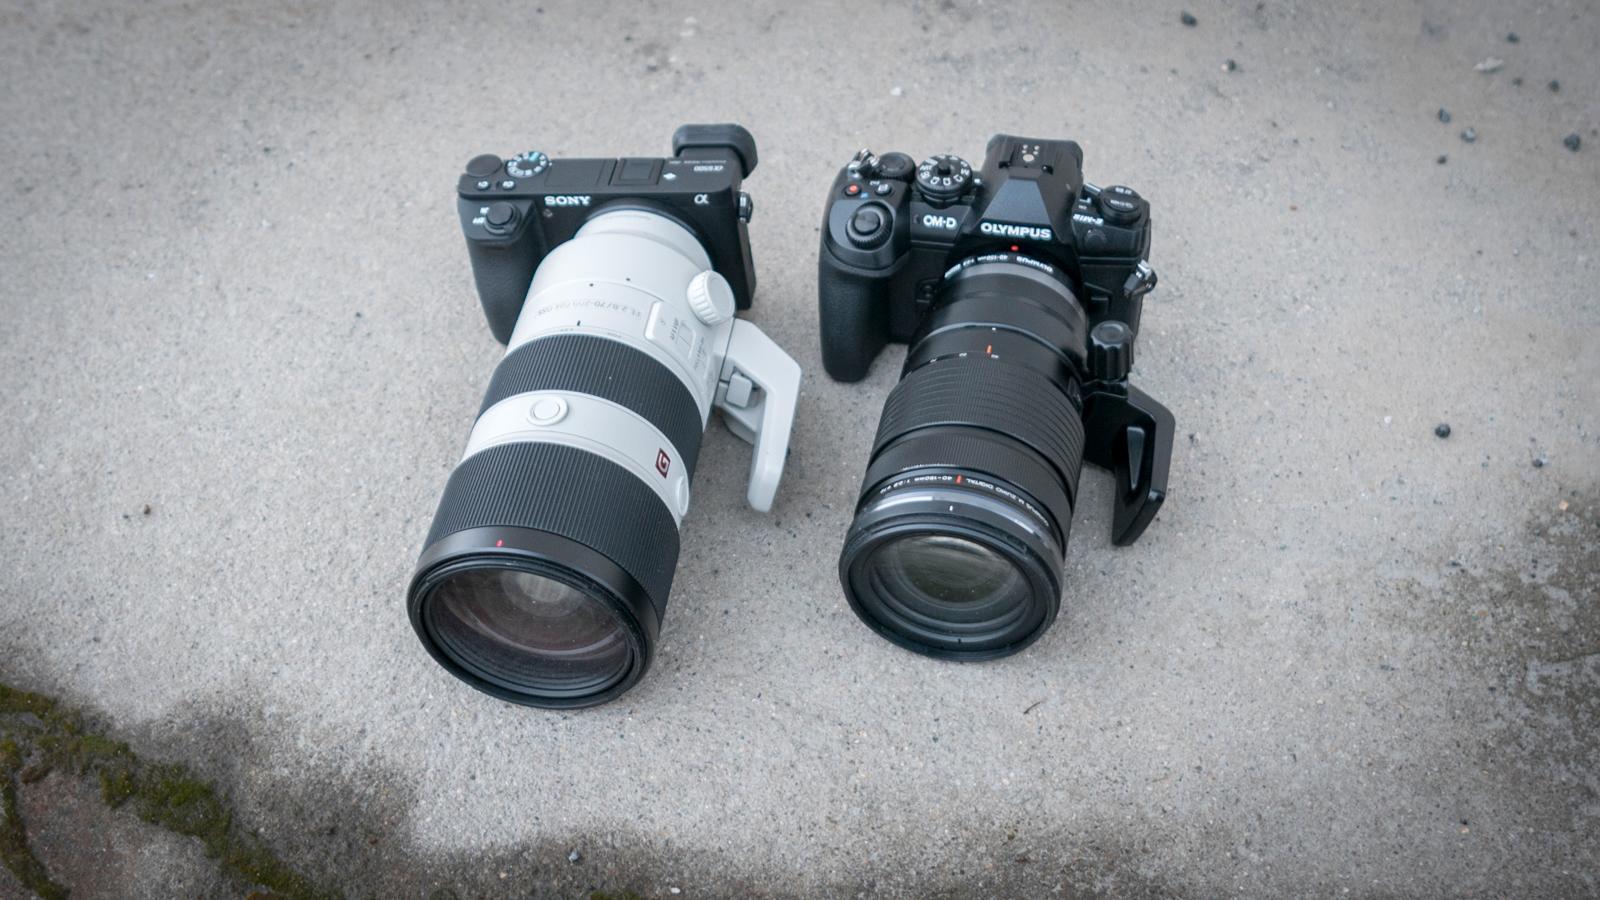 OM-D E-M1 II er kanskje større enn a6500, men det er før optikken kommer på.